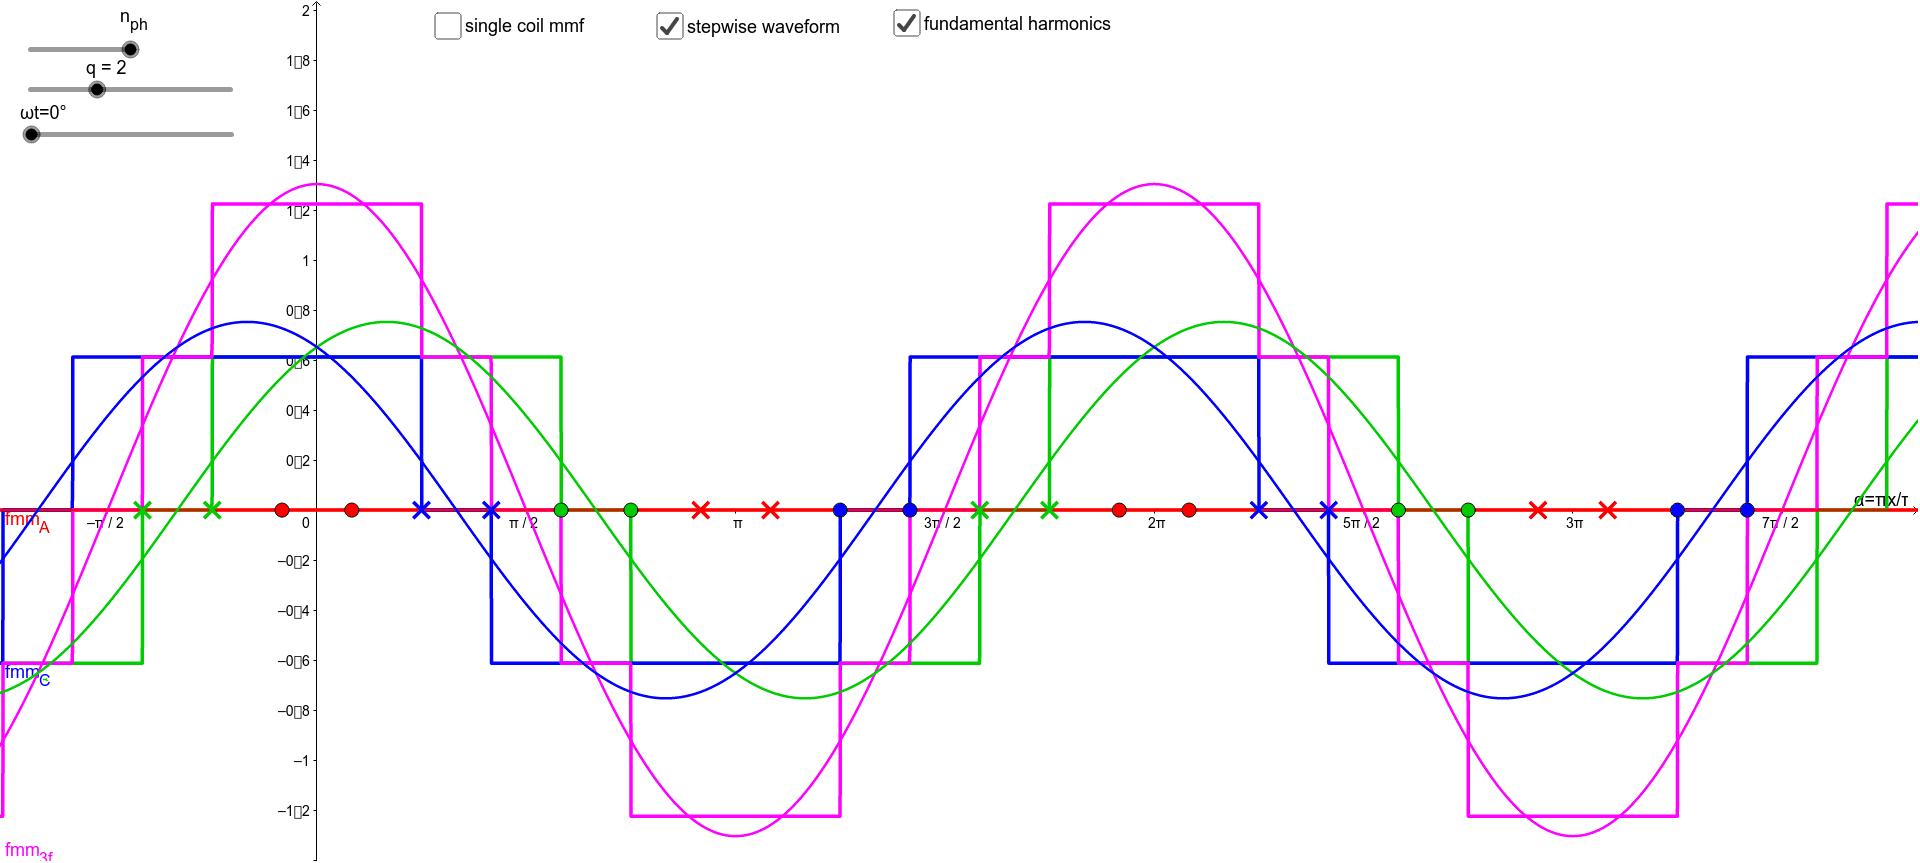 Single/three phase winding mmf Premi Invio per avviare l'attività